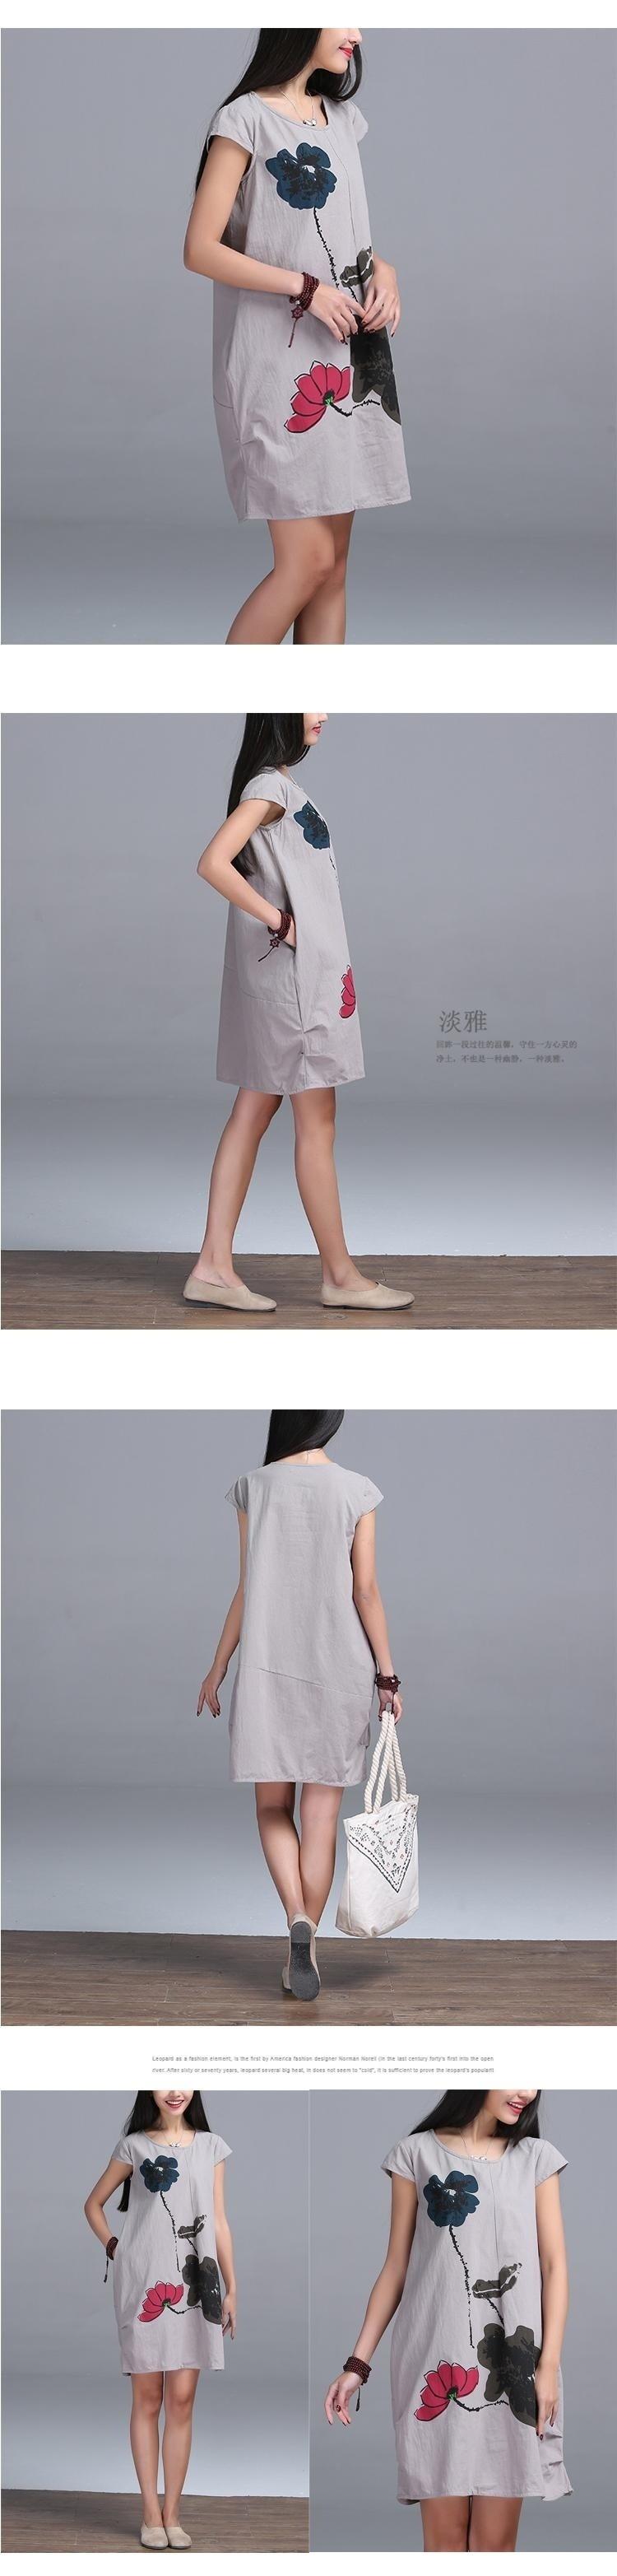 女性ファッションロングスリーブVネックカジュアルルーズホワイトTシャツWZC5273